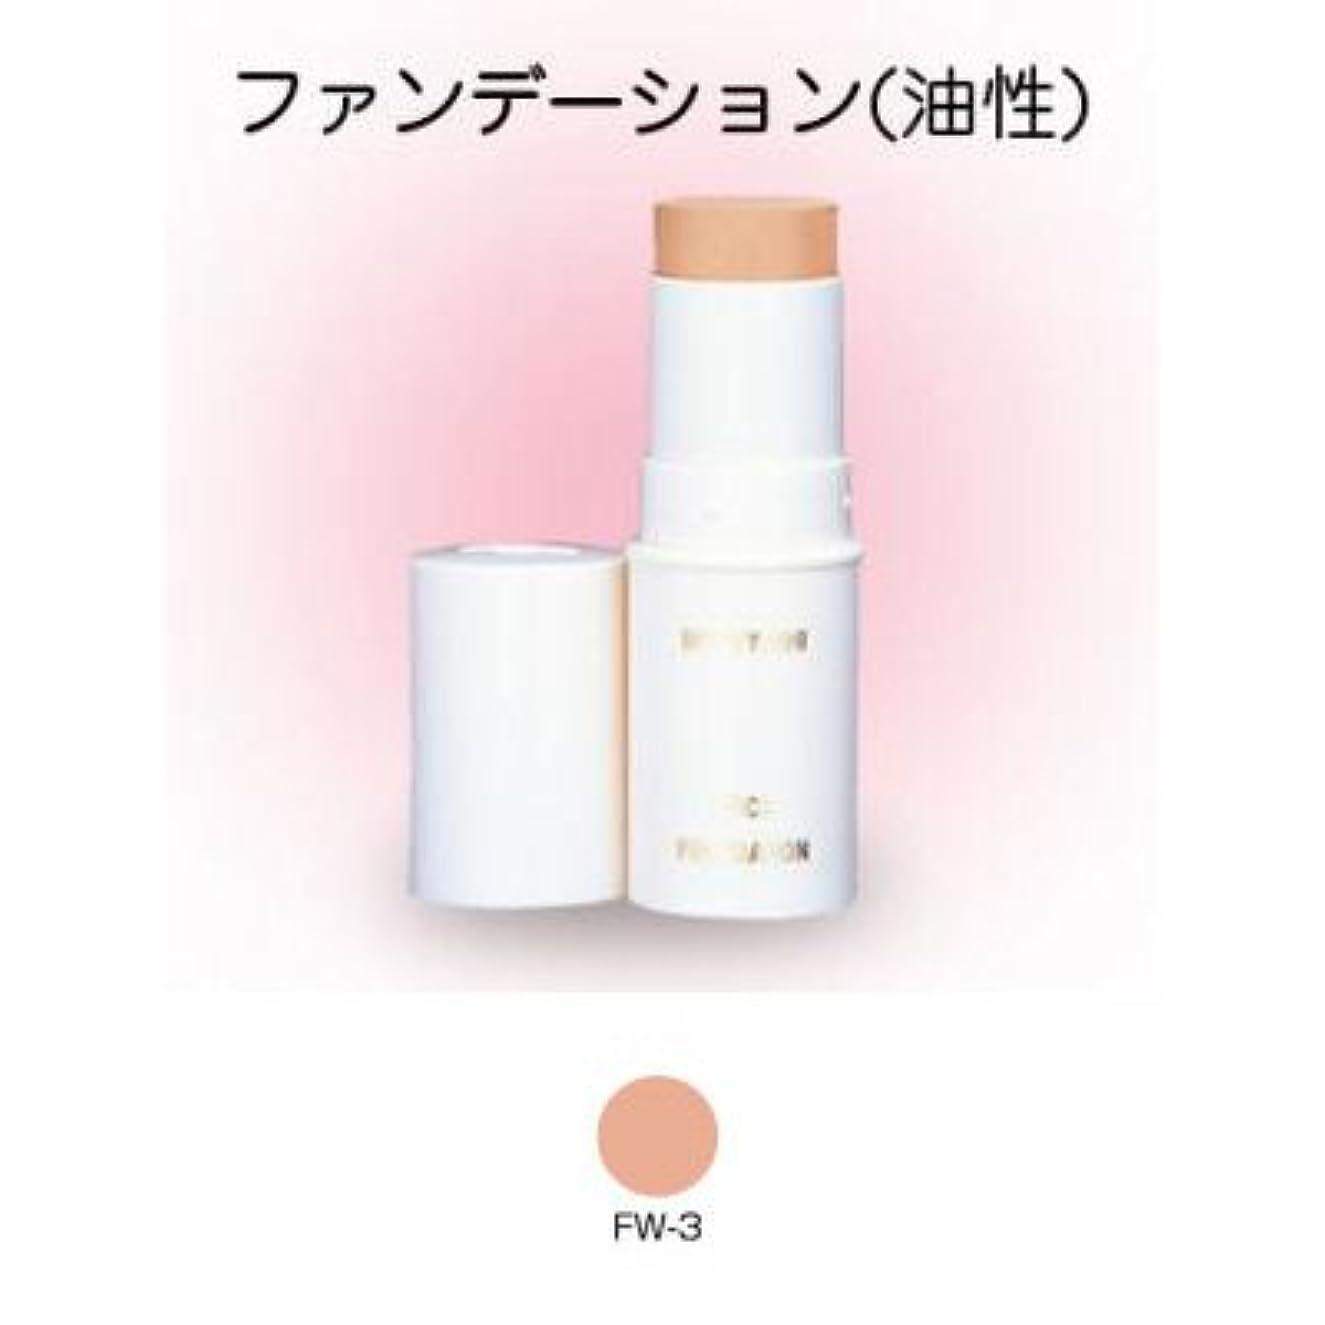 不毛の学士伝統的三善 スティックファンデーション ナチュラルメーク 自然な舞台化粧 カラー:FW-3 (C)